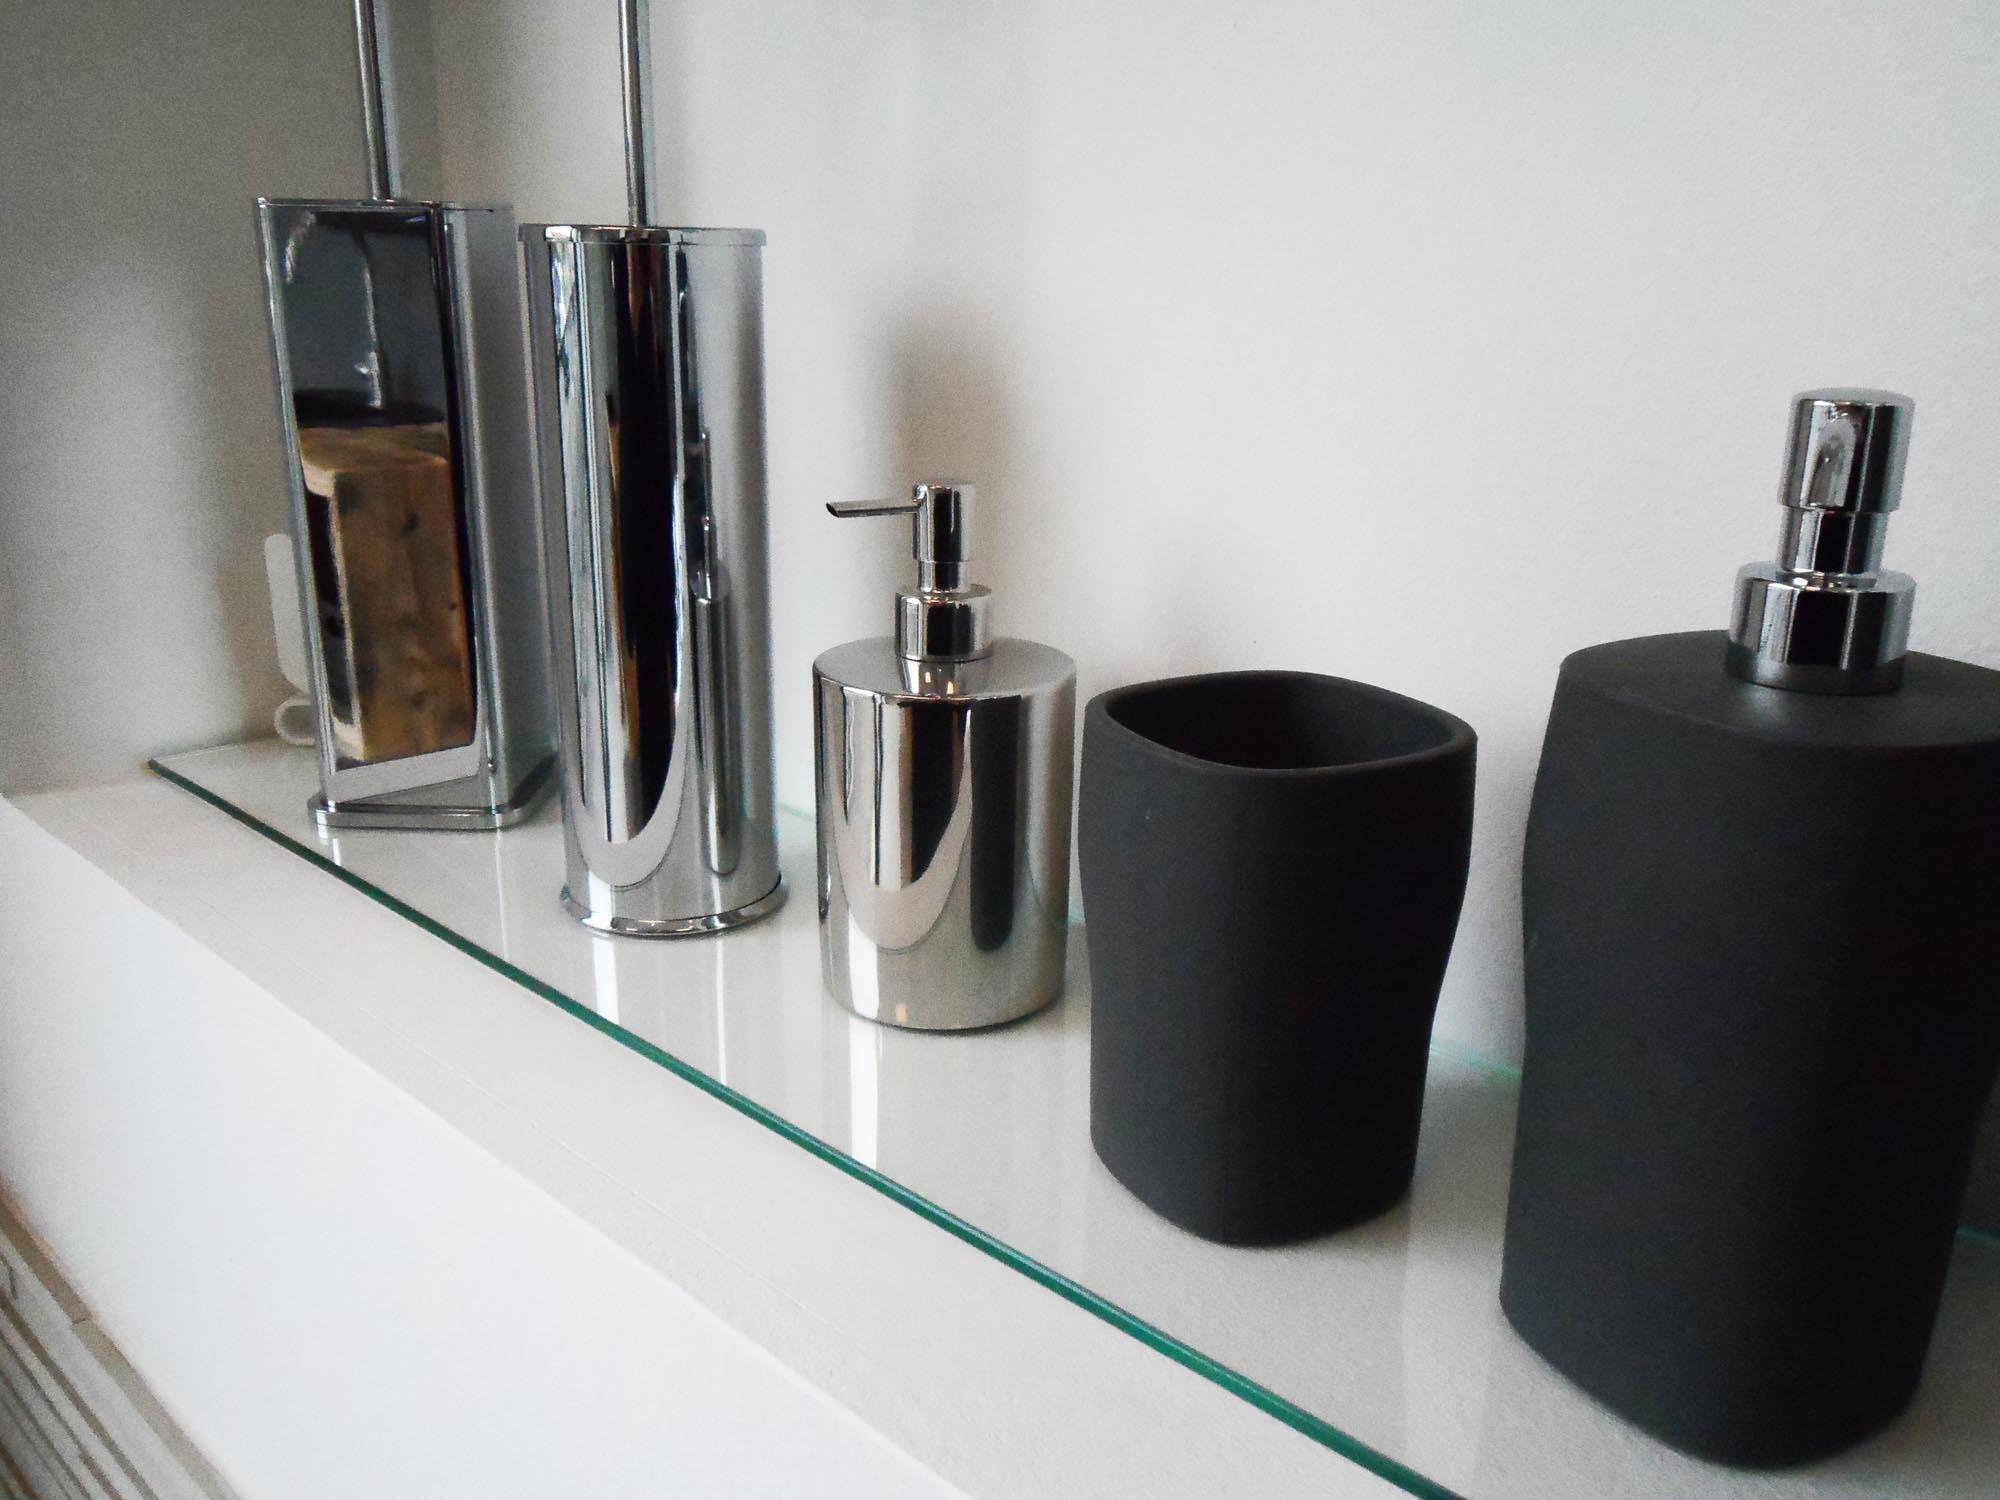 Accessori Arredo Bagno Acciaio.Accessori Per Il Tuo Bagno Di Casa A Treviso Da Piu Di 10 Anni